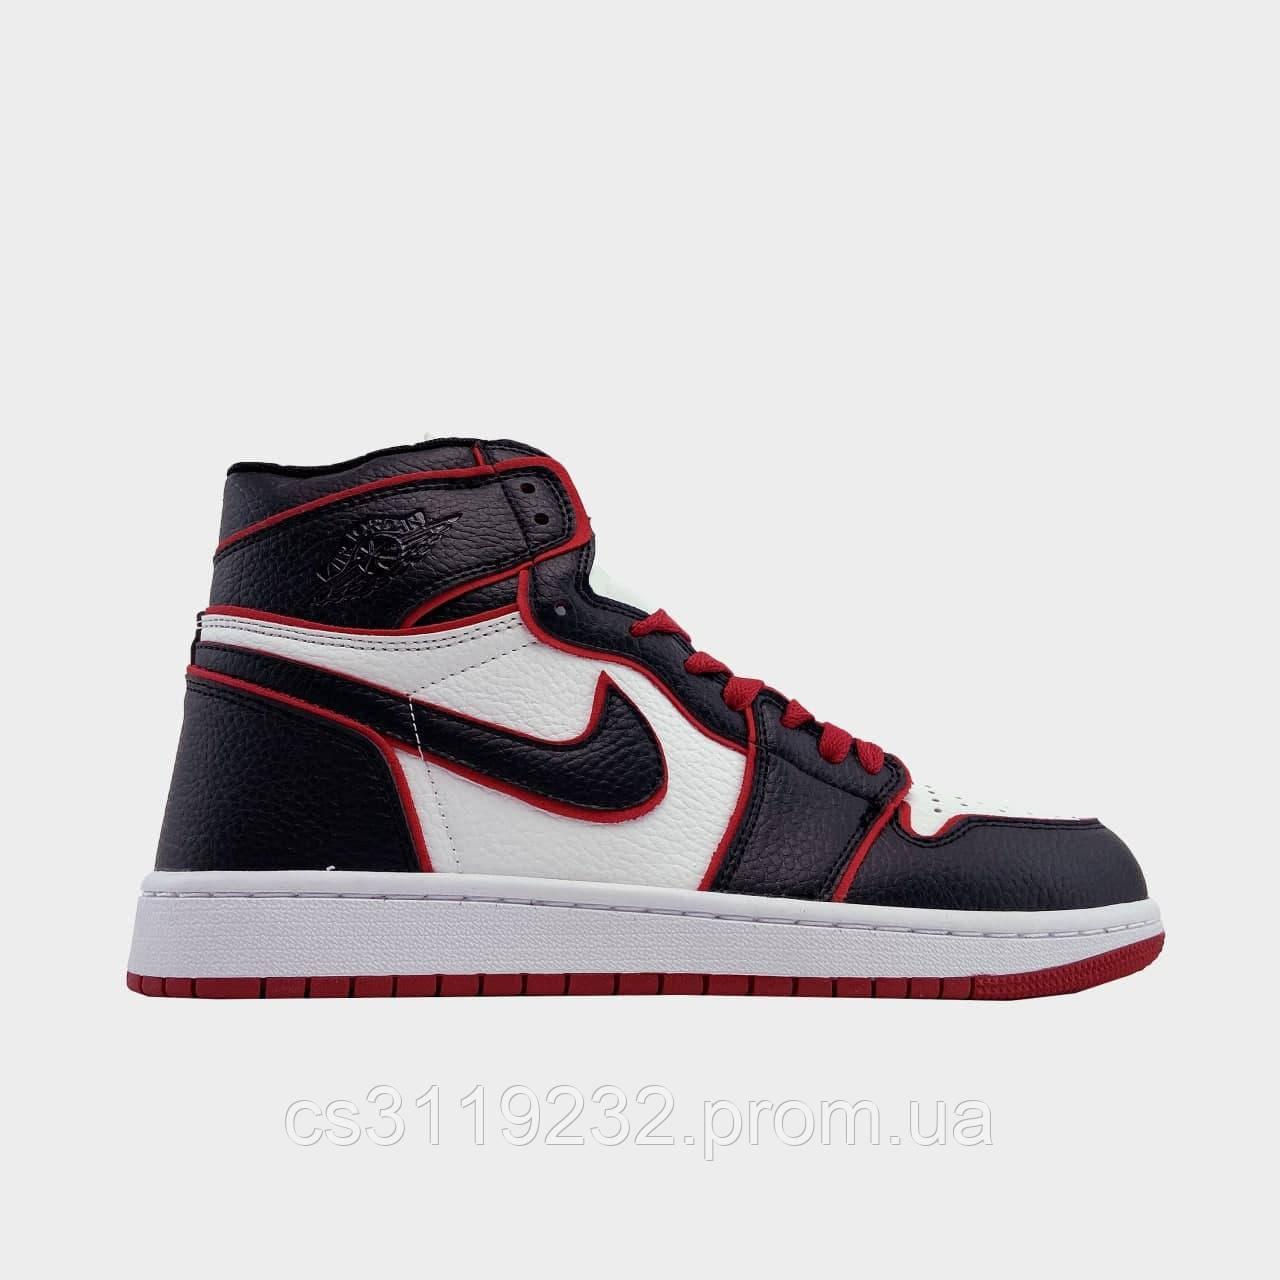 Мужские кроссовки  Air Jordan 1 Black Red(черно-красные)